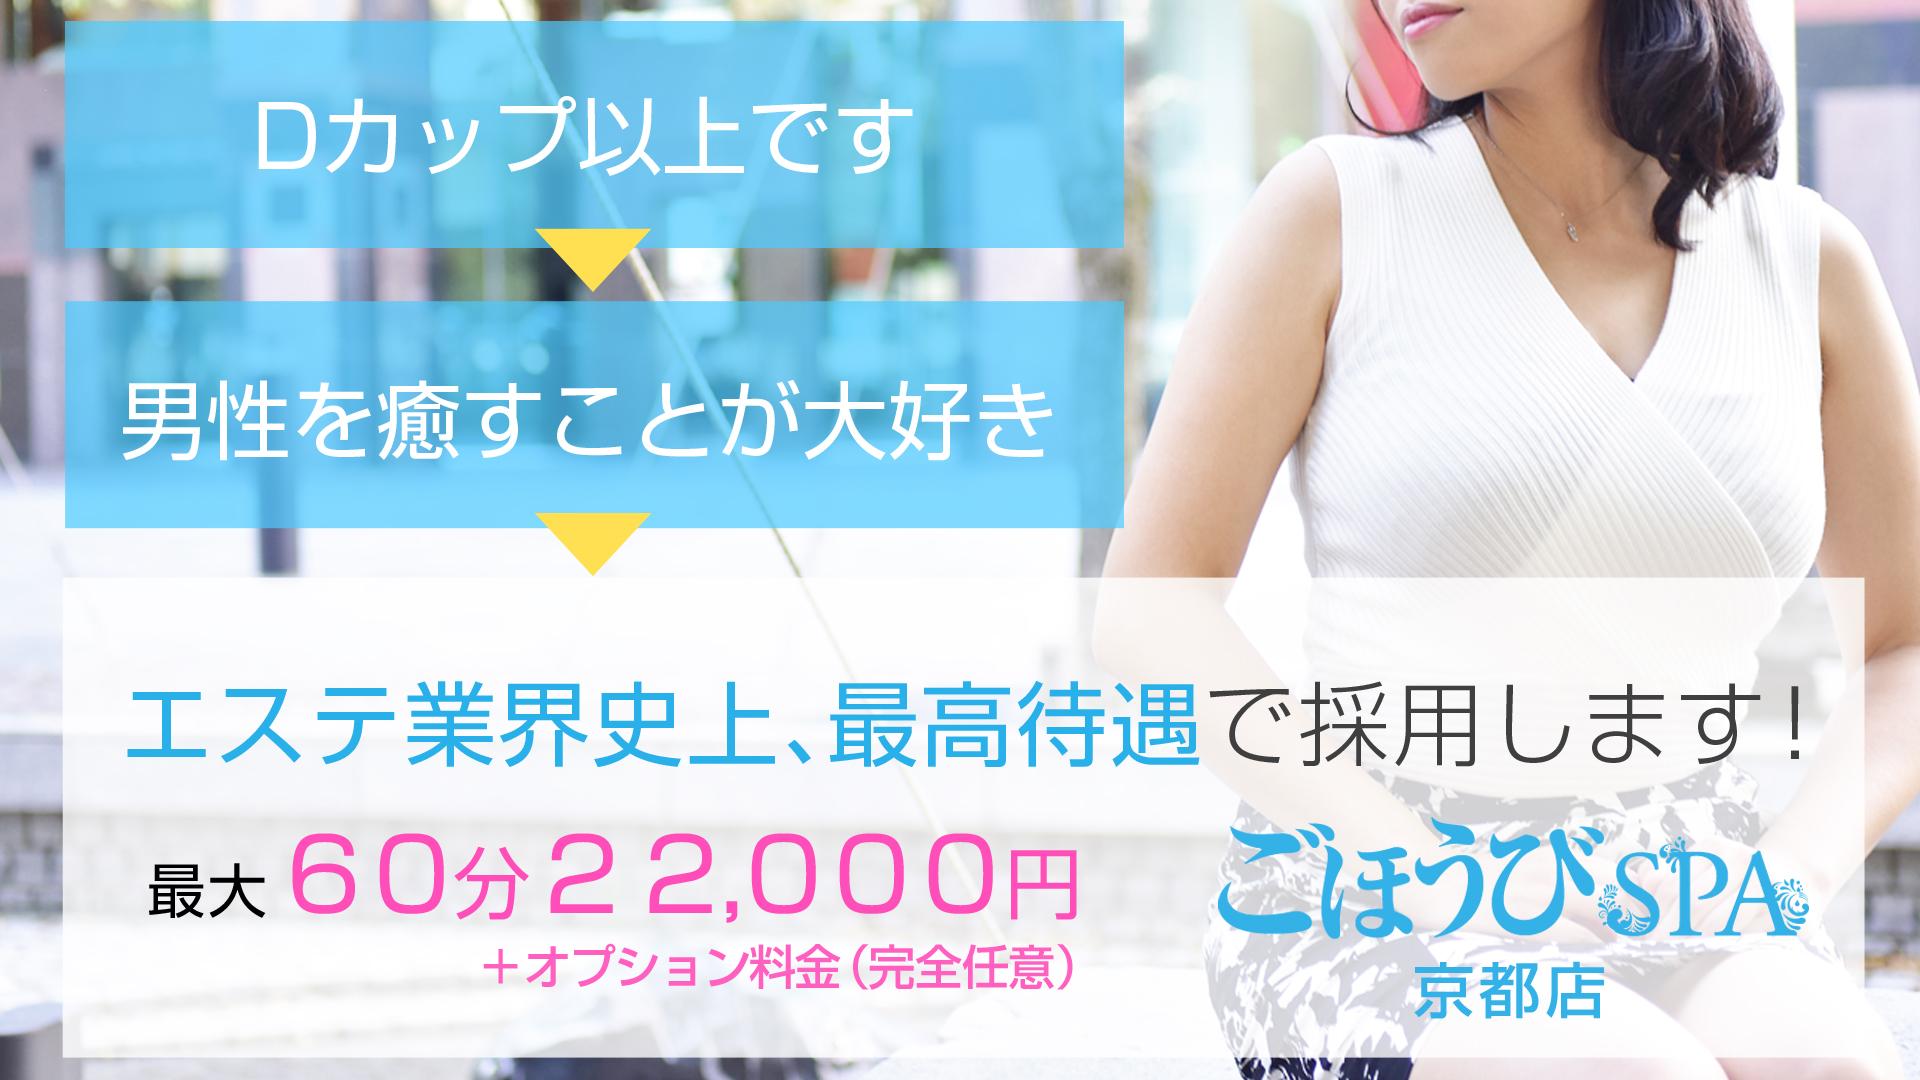 ごほうびSPA京都店